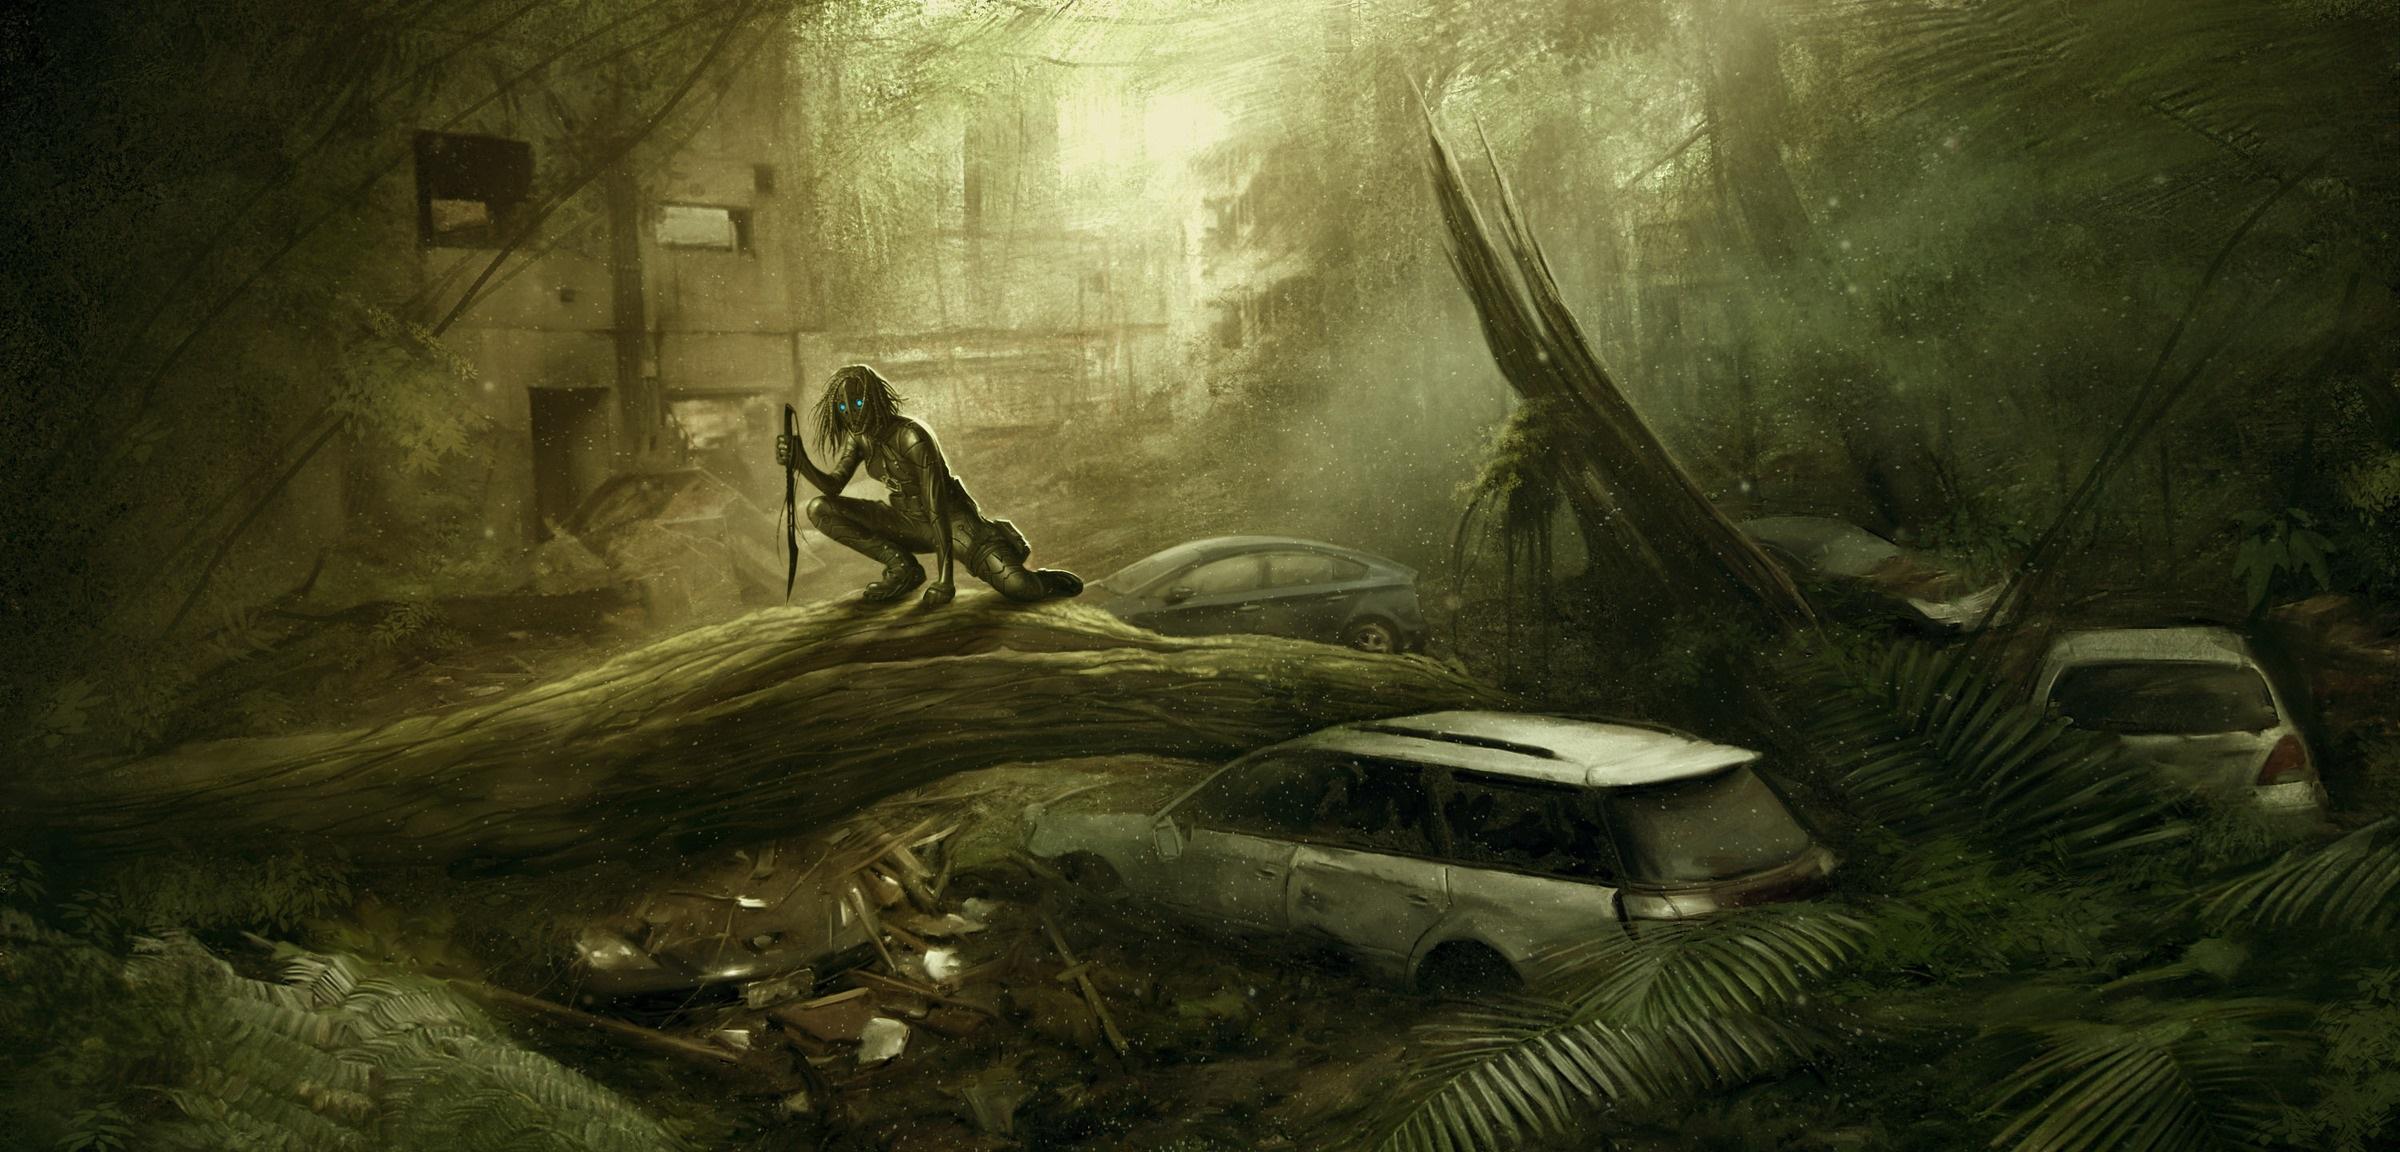 Art                                   post apocalypse 805148